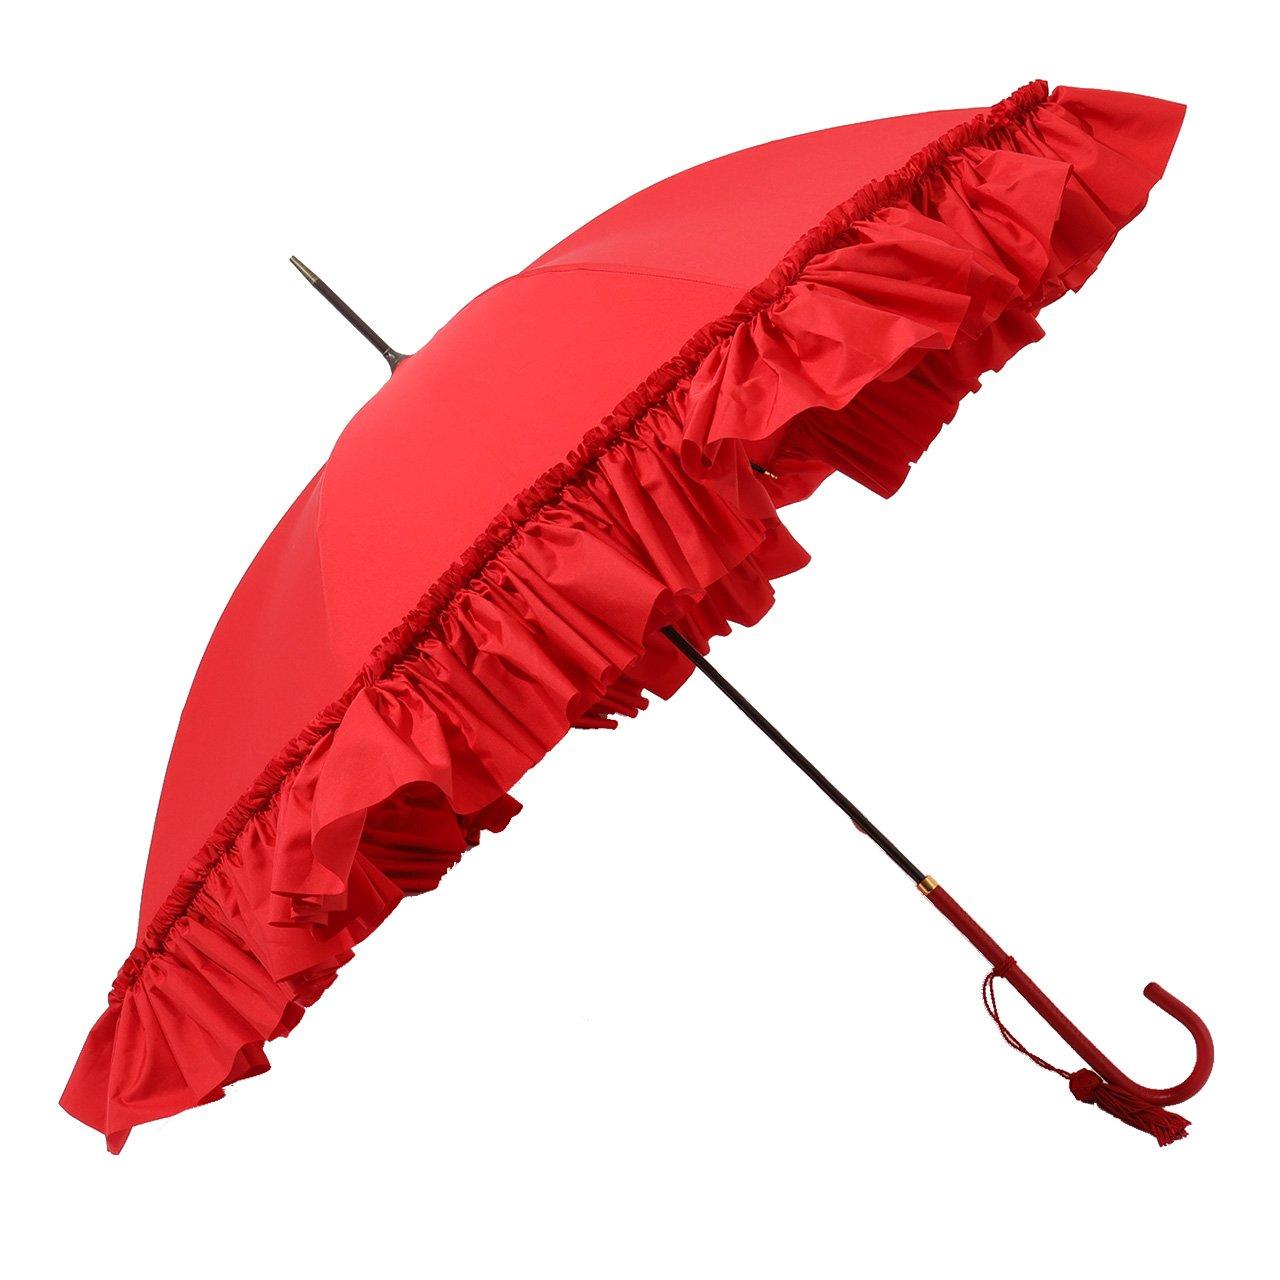 FOX UMBRELLAS フォックスアンブレラ WL9 SLIM LEATHER フリル 細革巻 ハンドル 雨傘 パラソル 雨具 タッセルチャー [並行輸入品] B07BQT8CGT /|350/RED 350/RED /